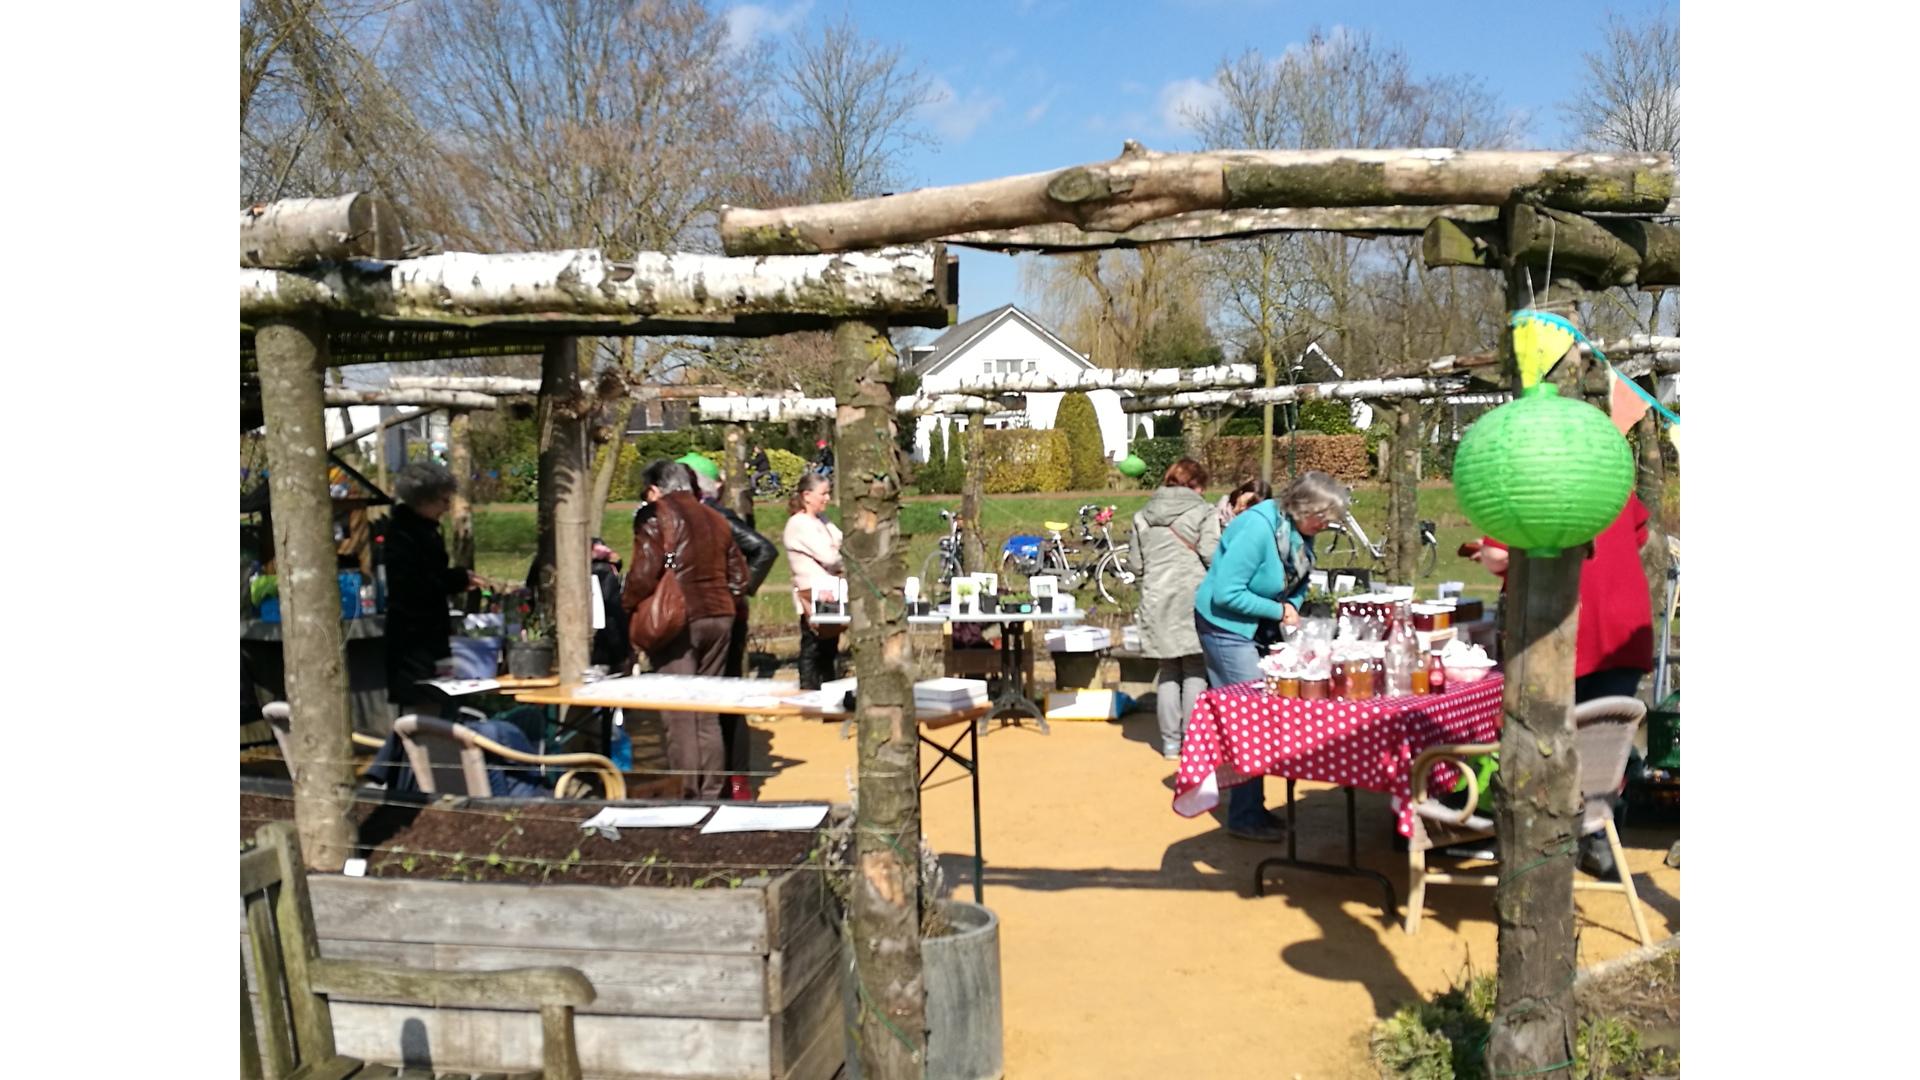 Eetbaar IJsselstein, Hooghe Camp tuin, tuinieren, natuur, IJsselstein, ontmoeten, activiteiten